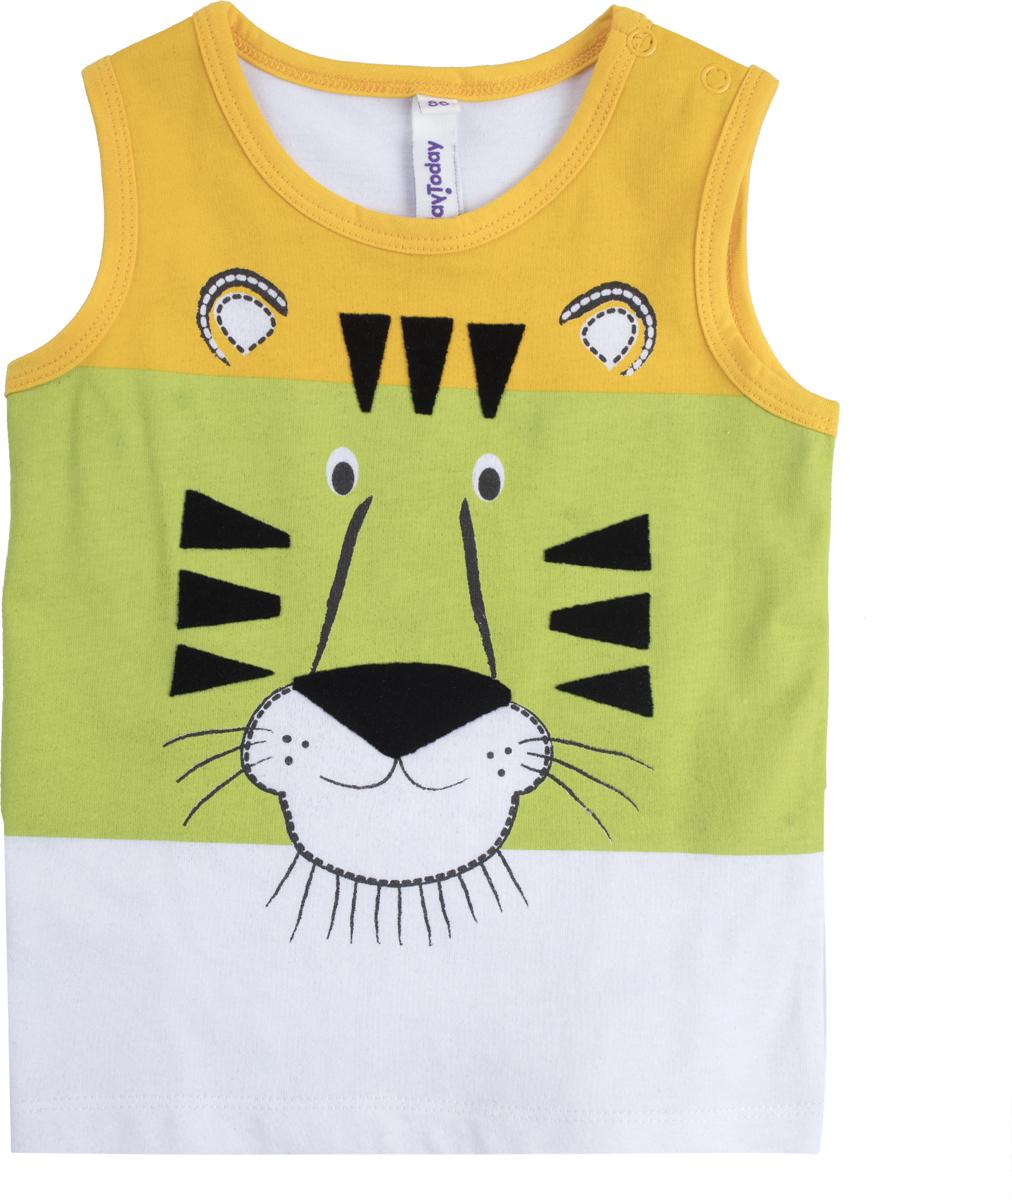 Майка для мальчика PlayToday, цвет: белый, желтый, зеленый. 187068. Размер 80 брюки для девочек playtoday 148076 р 74 80 см цвет зеленый